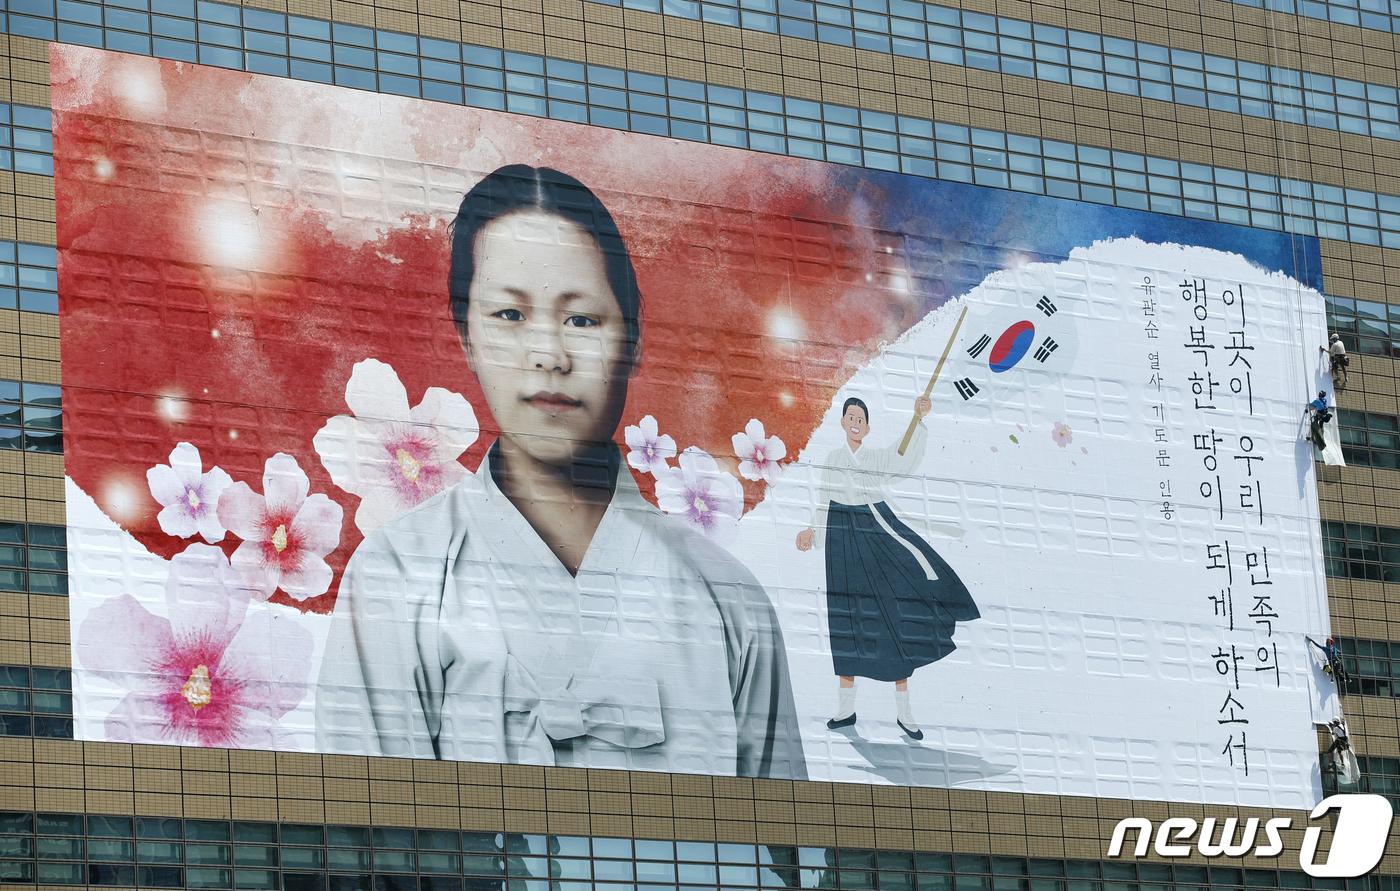 올해 '광복절 기념식', 15년 만에 천안 독립기념관서 열린다[스코어 토토|제우스? 토토]